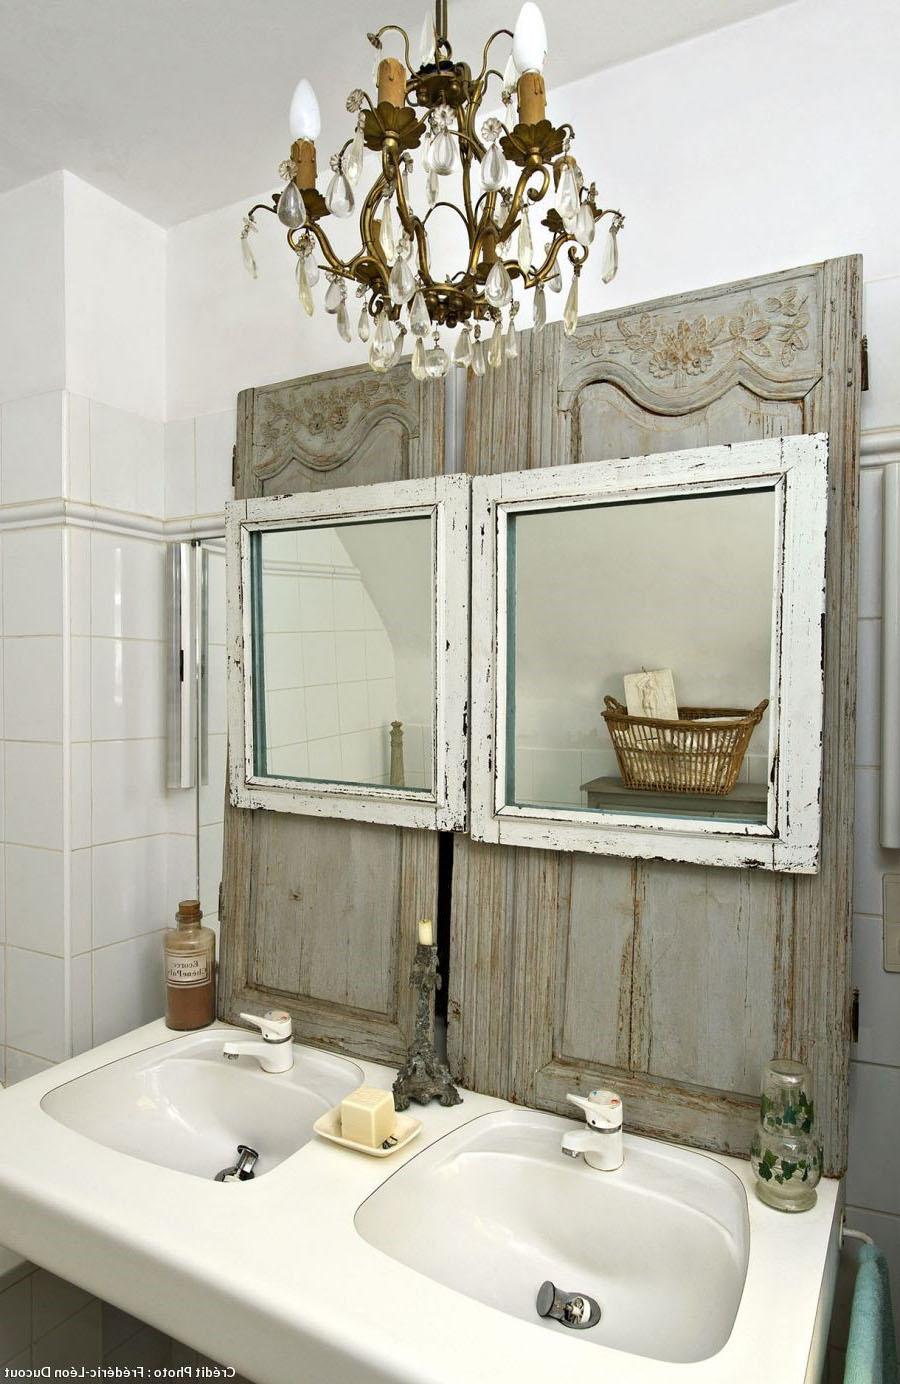 shabby chic 27 id es pour un style romantique. Black Bedroom Furniture Sets. Home Design Ideas